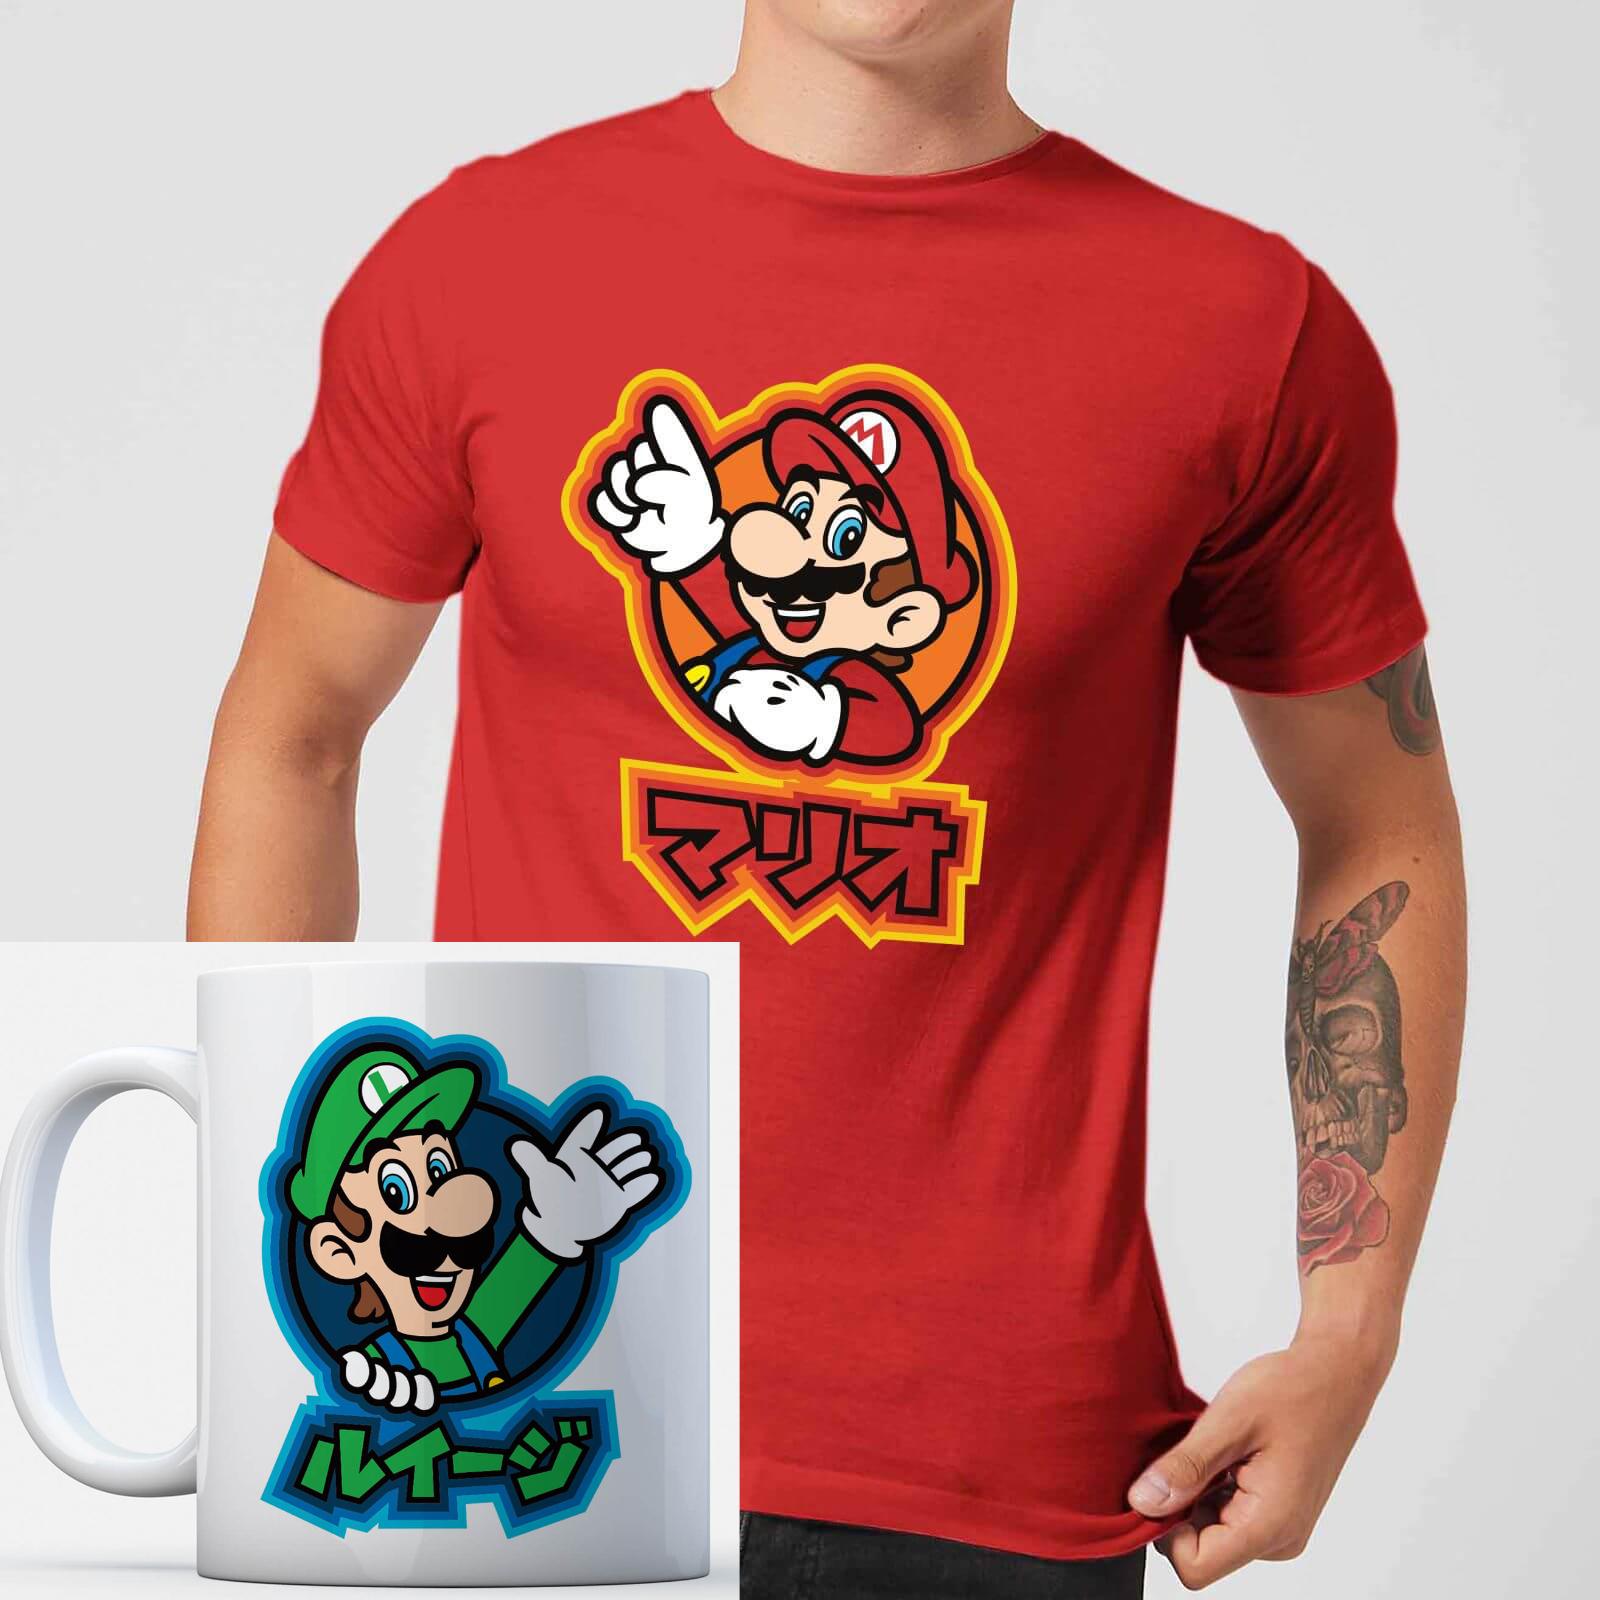 Licencjonowane koszulka i kubek Nintendo za £8.99 @Zavvi